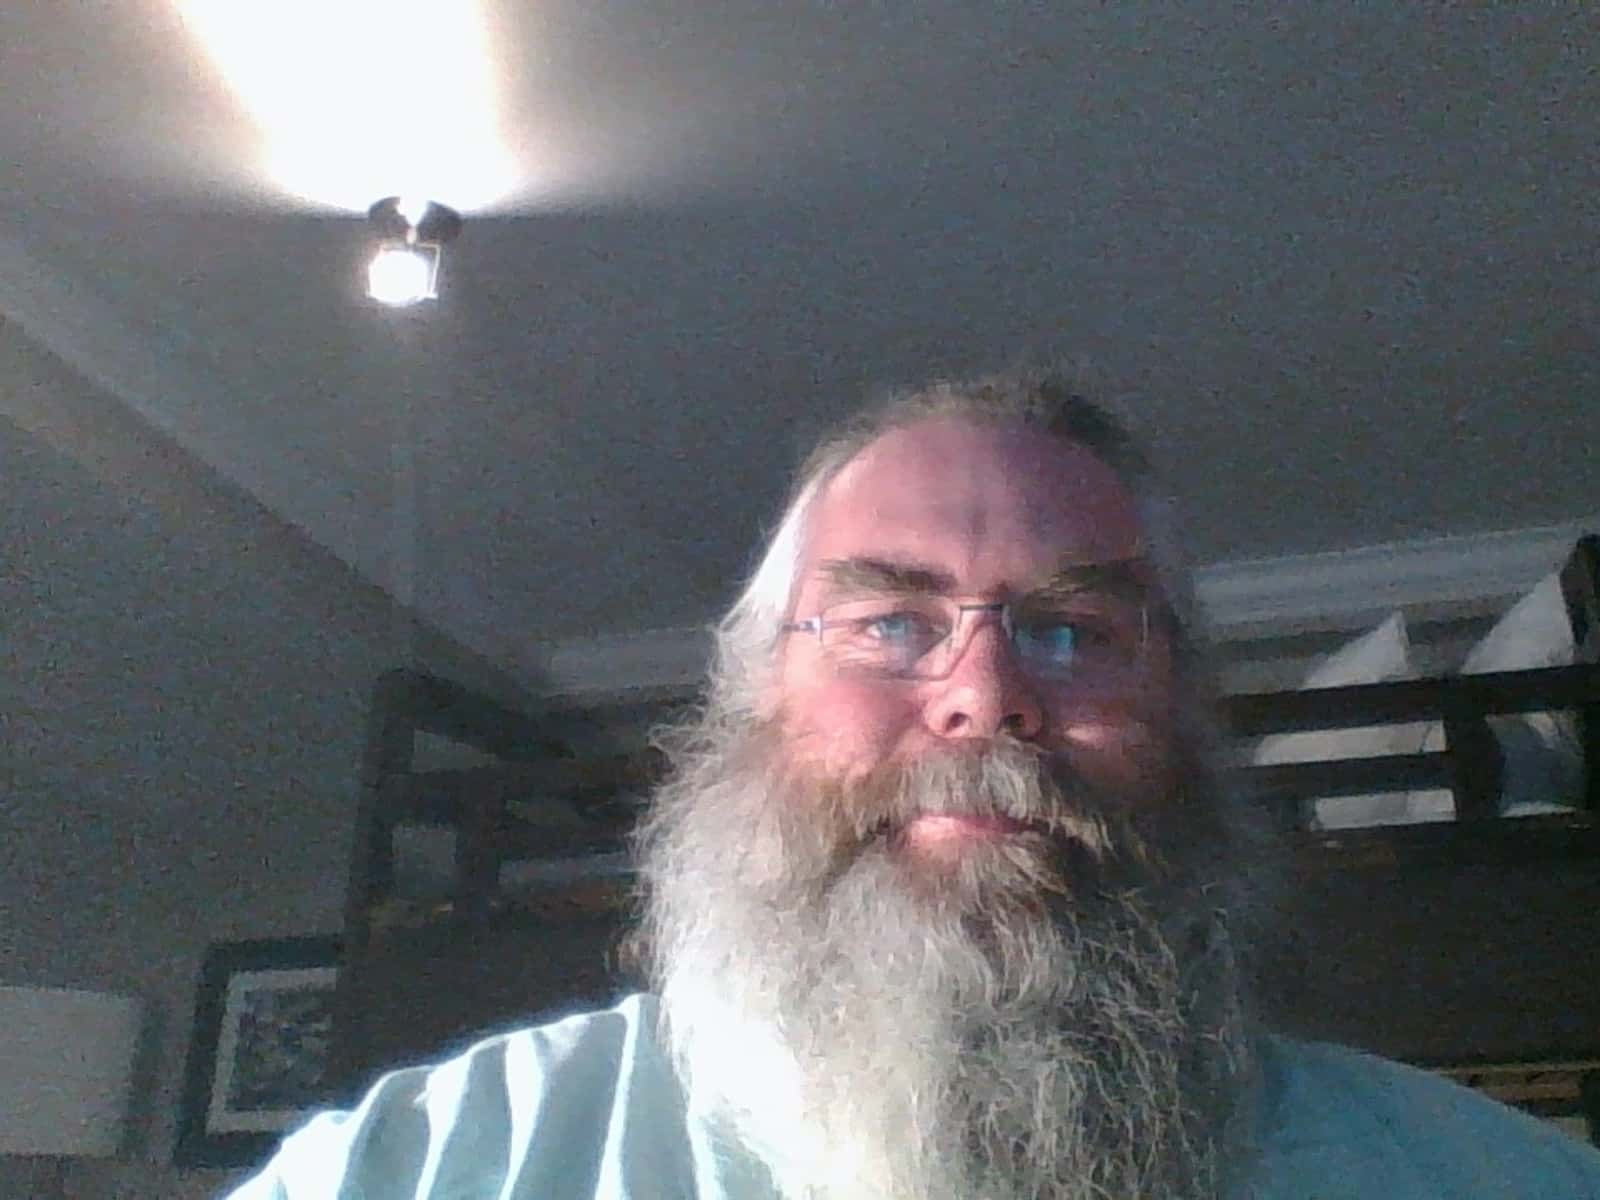 Stephen from Telkwa, British Columbia, Canada